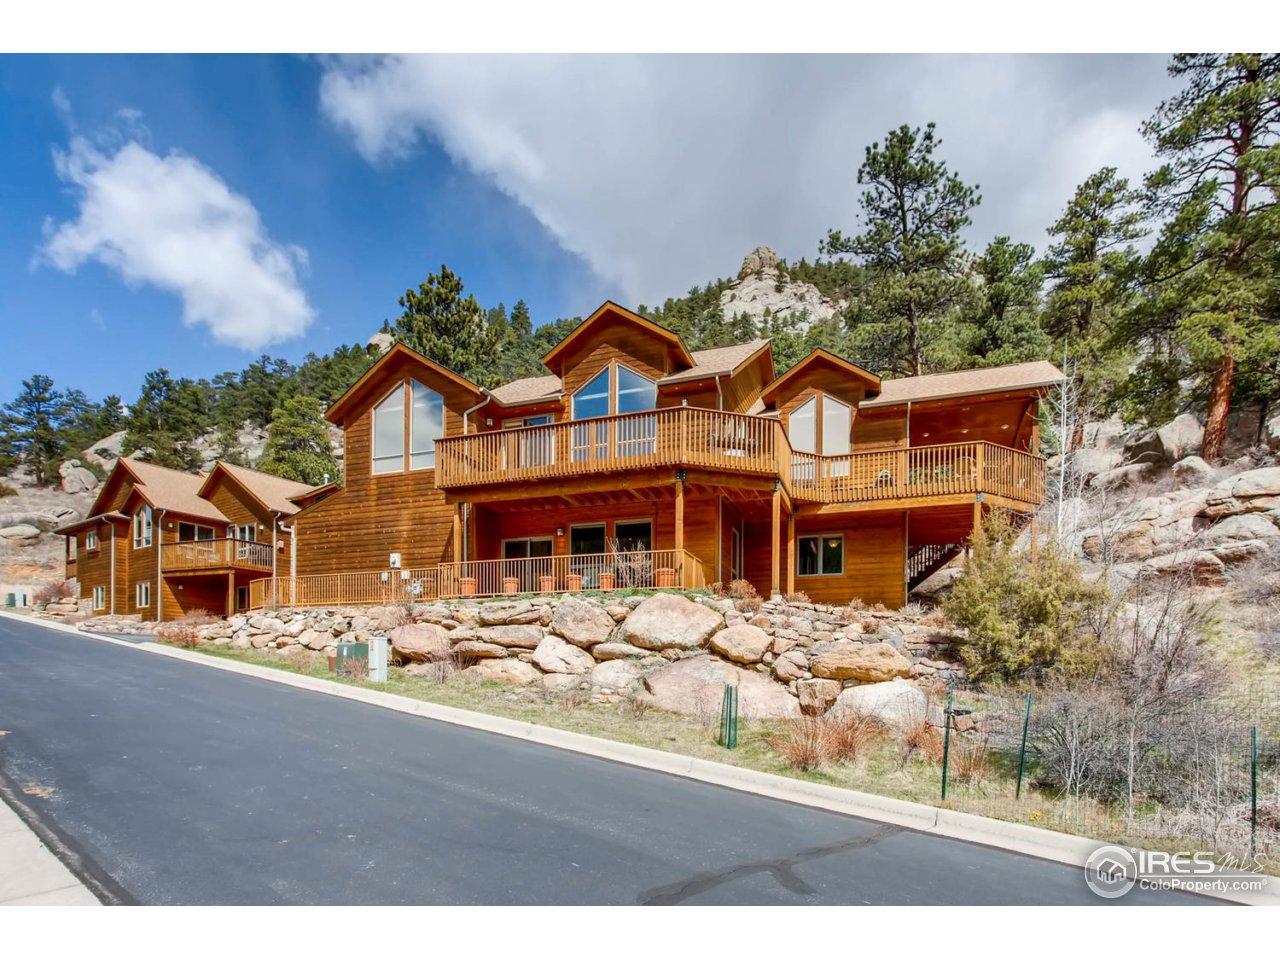 1411 Sierra Sage Ln, Estes Park CO 80517